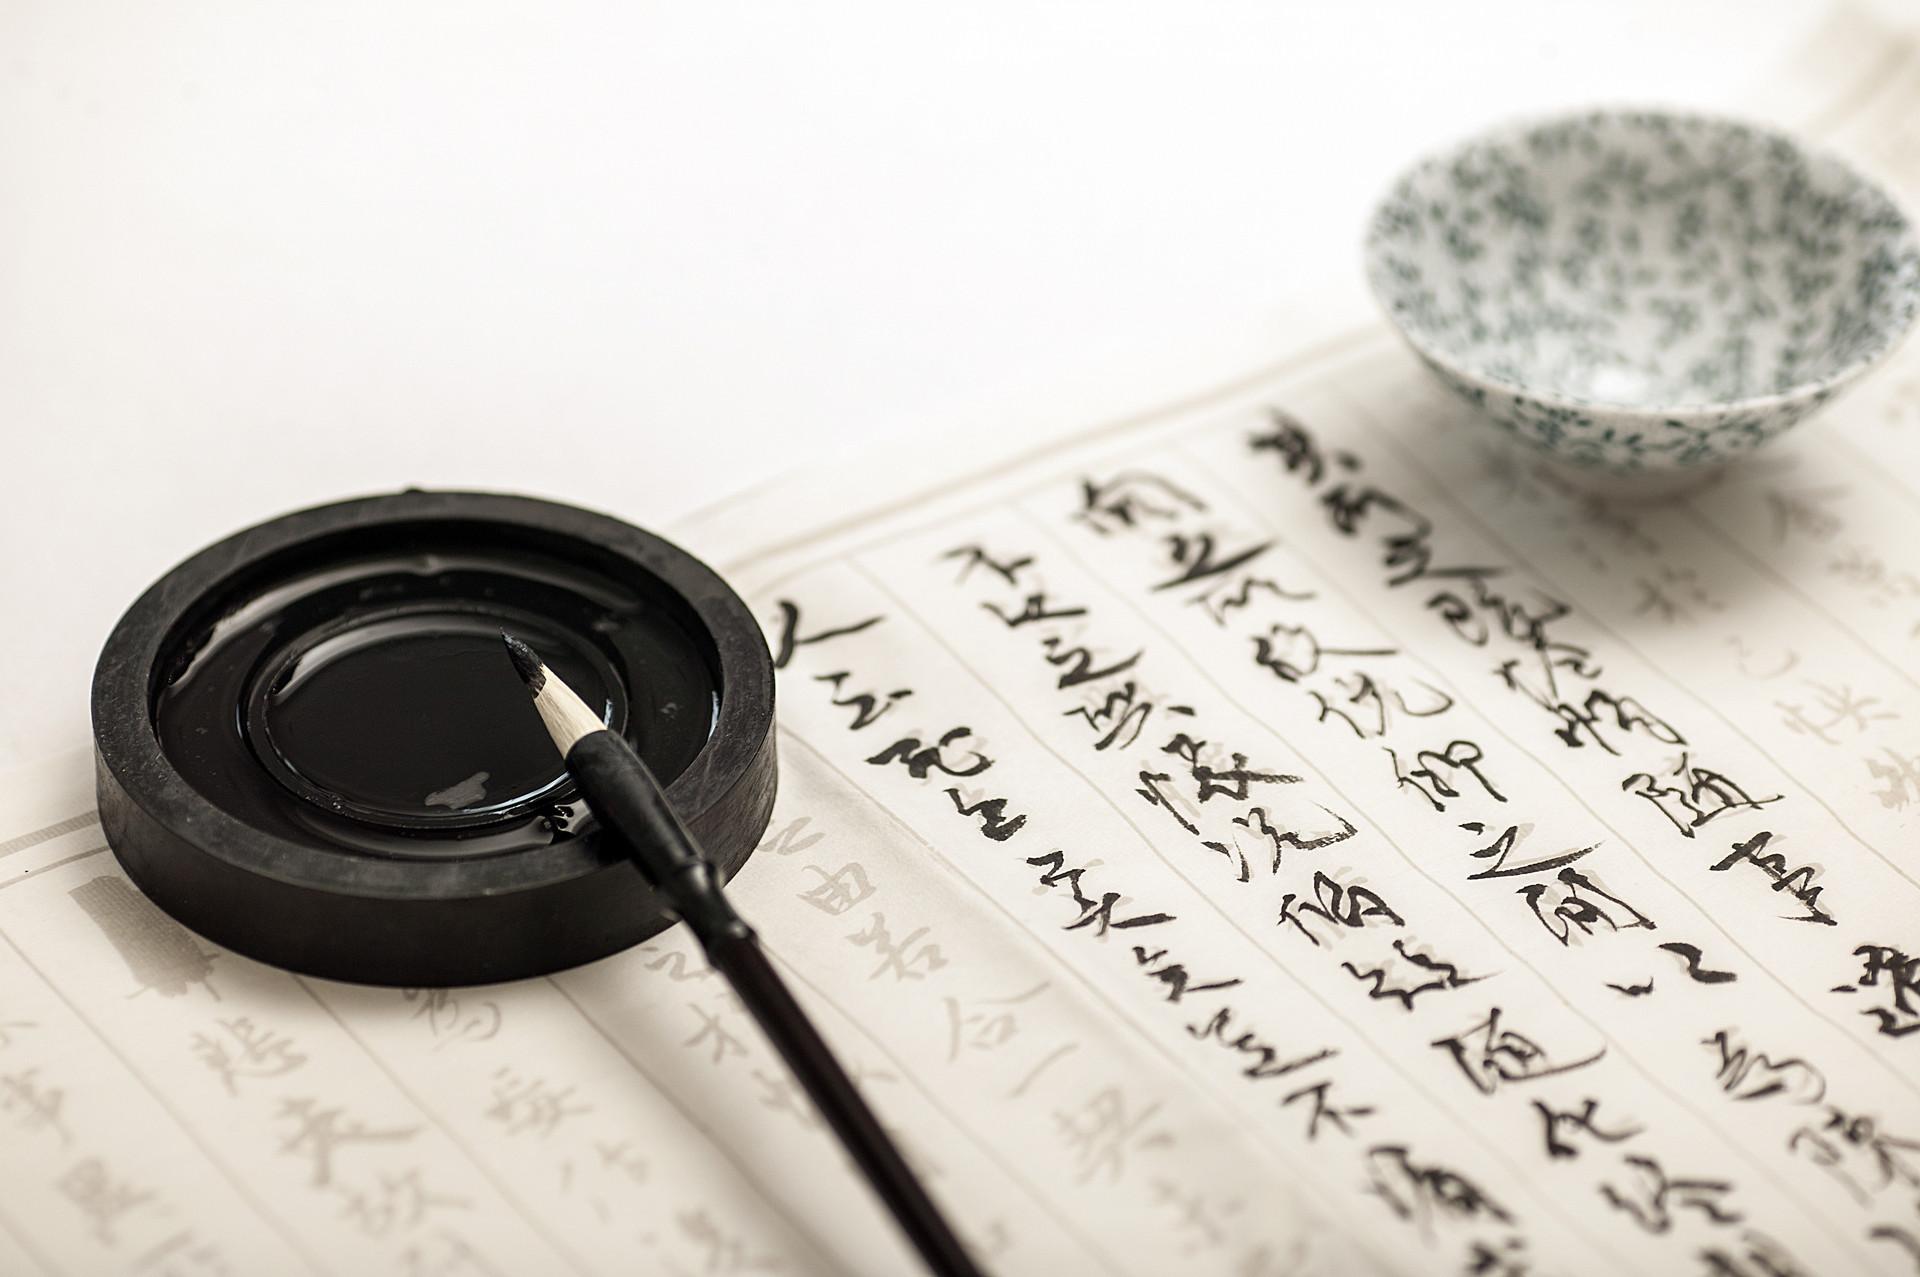 水墨书法传统艺术茶道